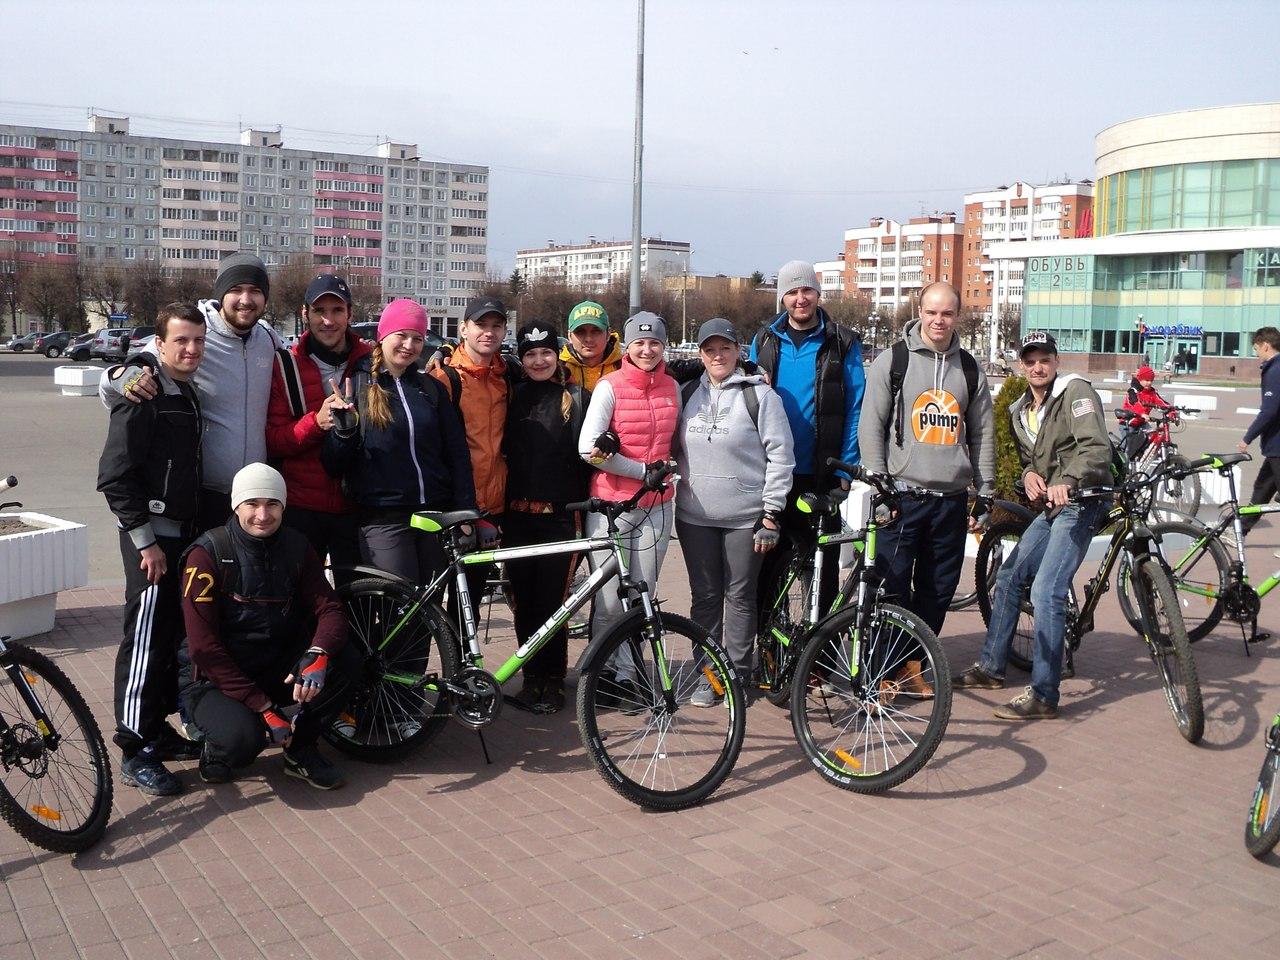 Новости Коломны   Маршрут велоориентирования был очень сложным и составил около 40 км Фото (Коломна)   sport otdyih dosug